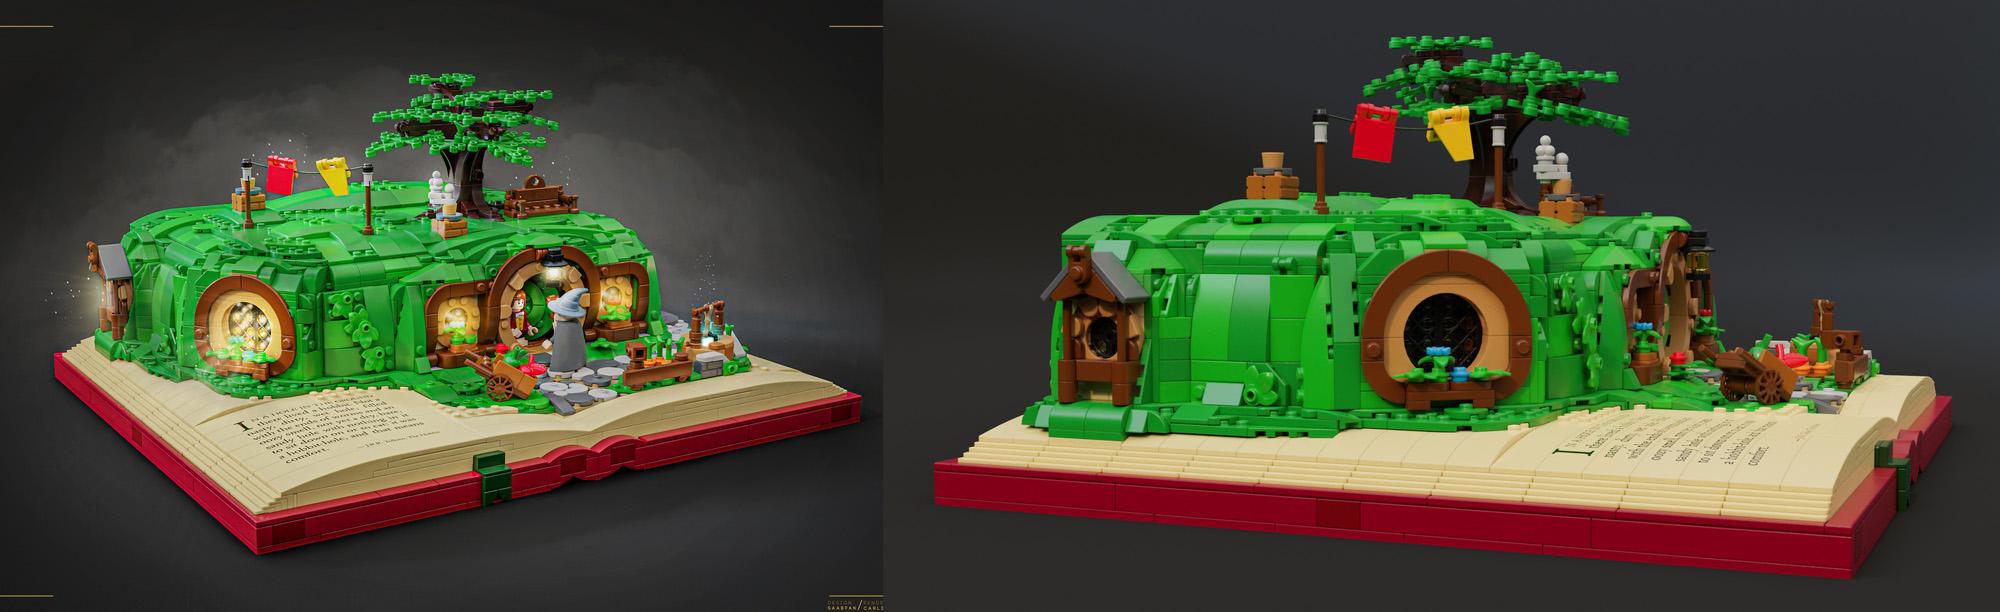 ホビットの袋小路屋敷(Bag End)がレゴ(LEGO)アイデア製品化レビュー進出!2020年第3回1万サポート獲得デザイン紹介